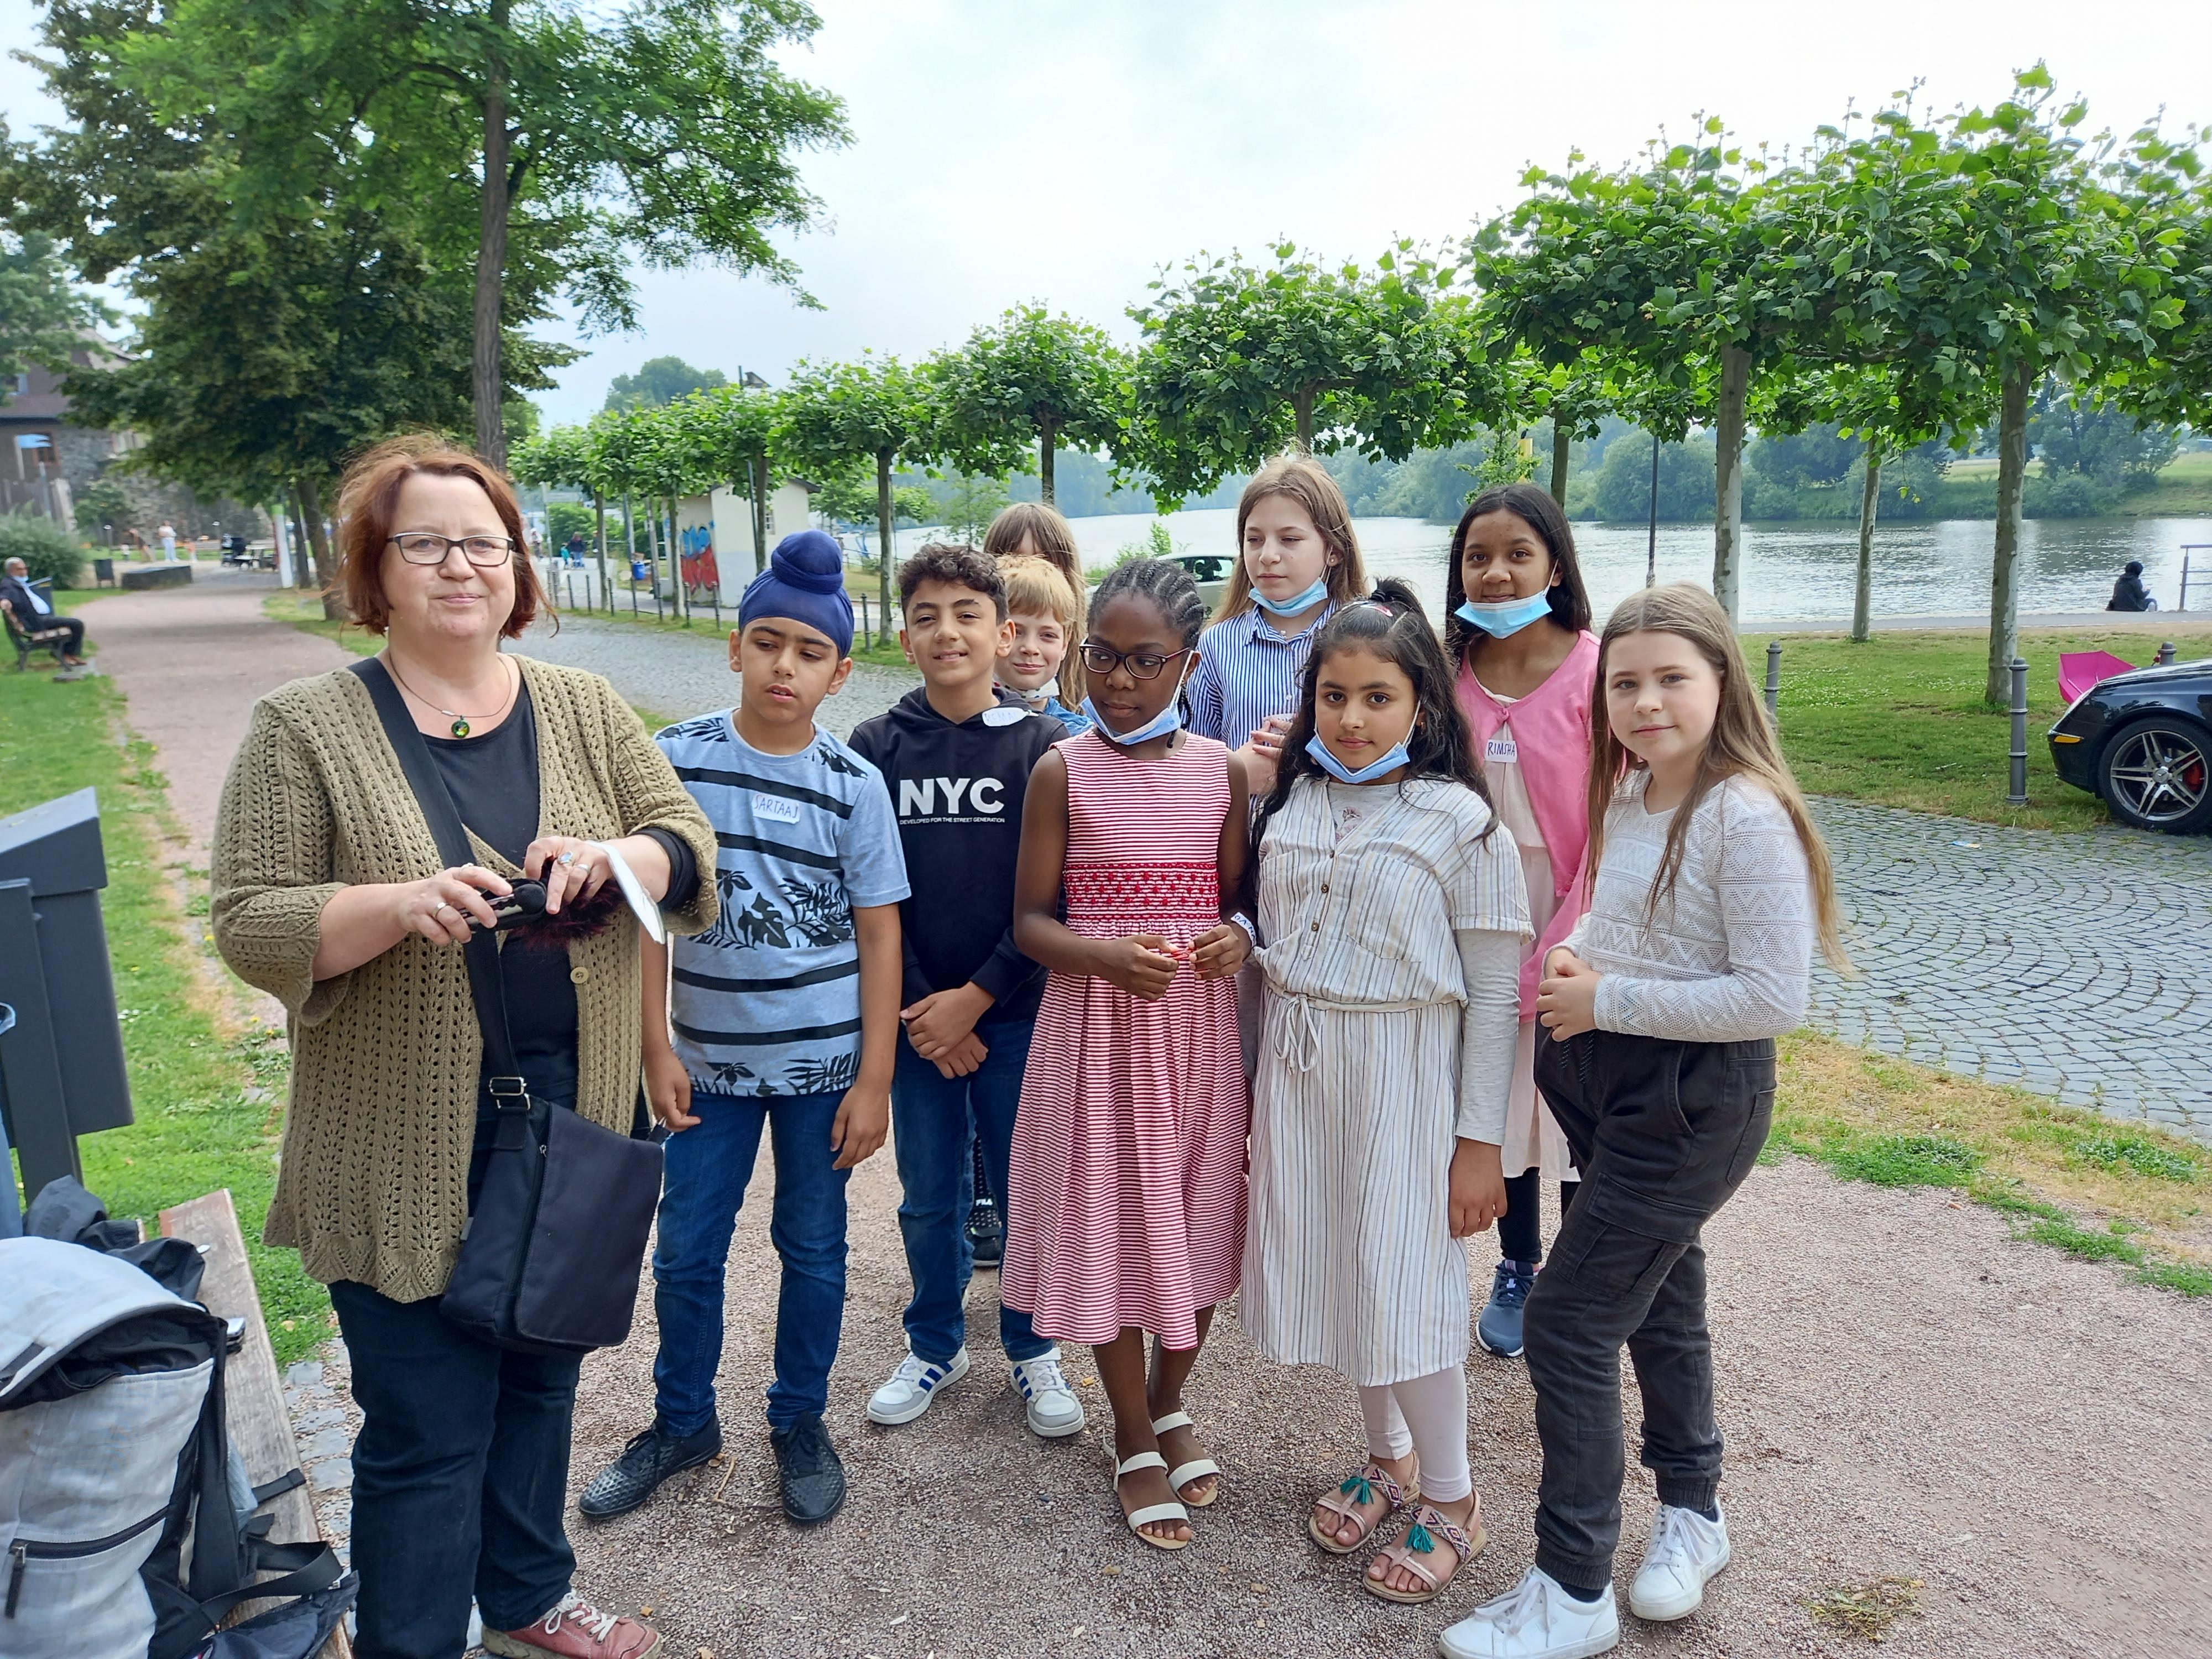 Gruppe von Schülerinnen, Schülern und Lehrerin